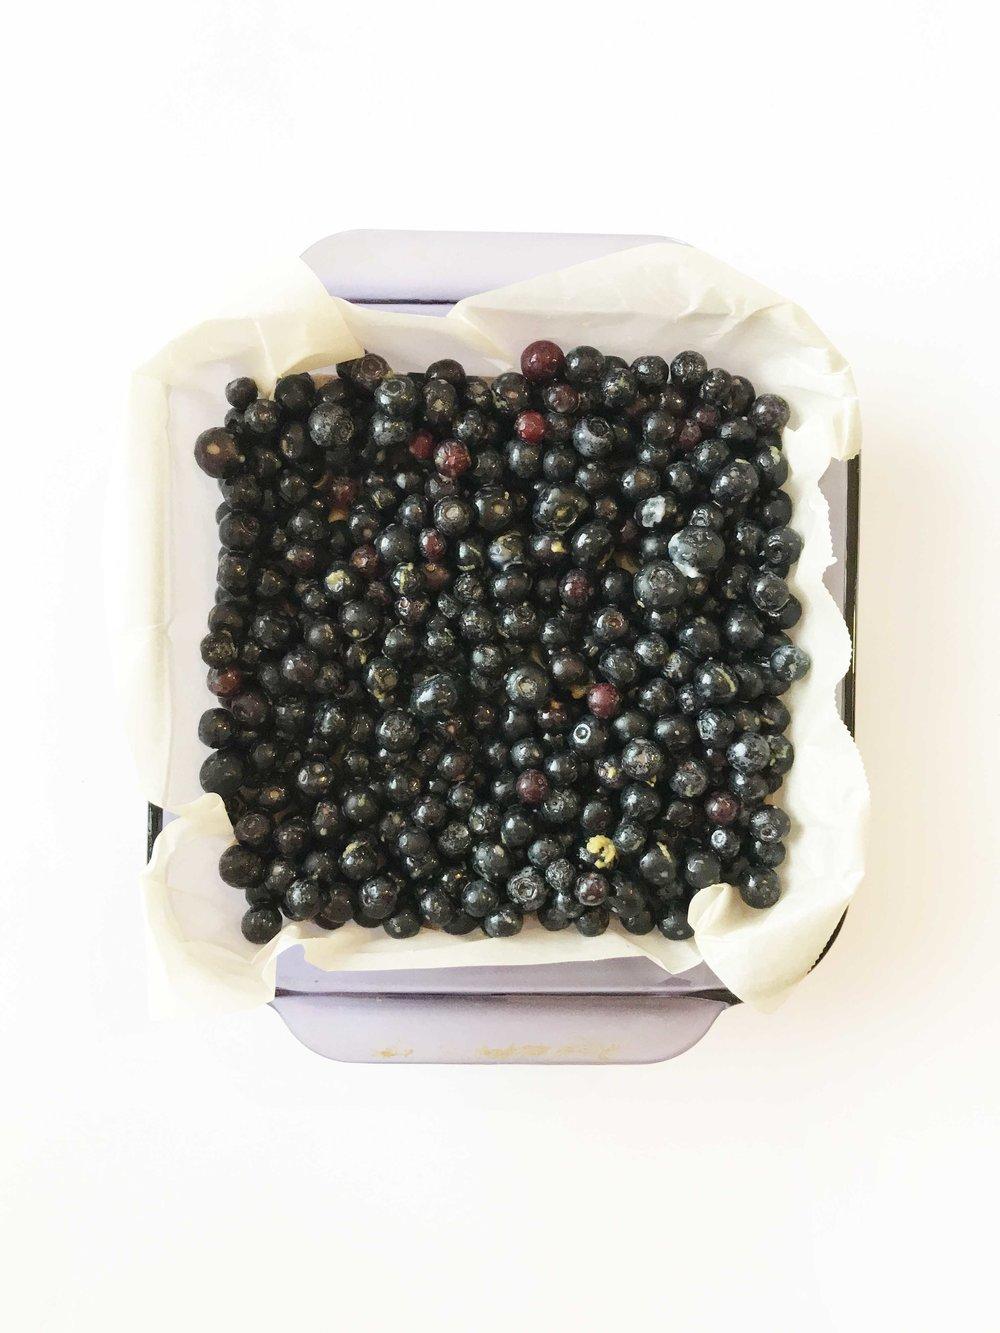 blueberry-oat-bars5.jpg